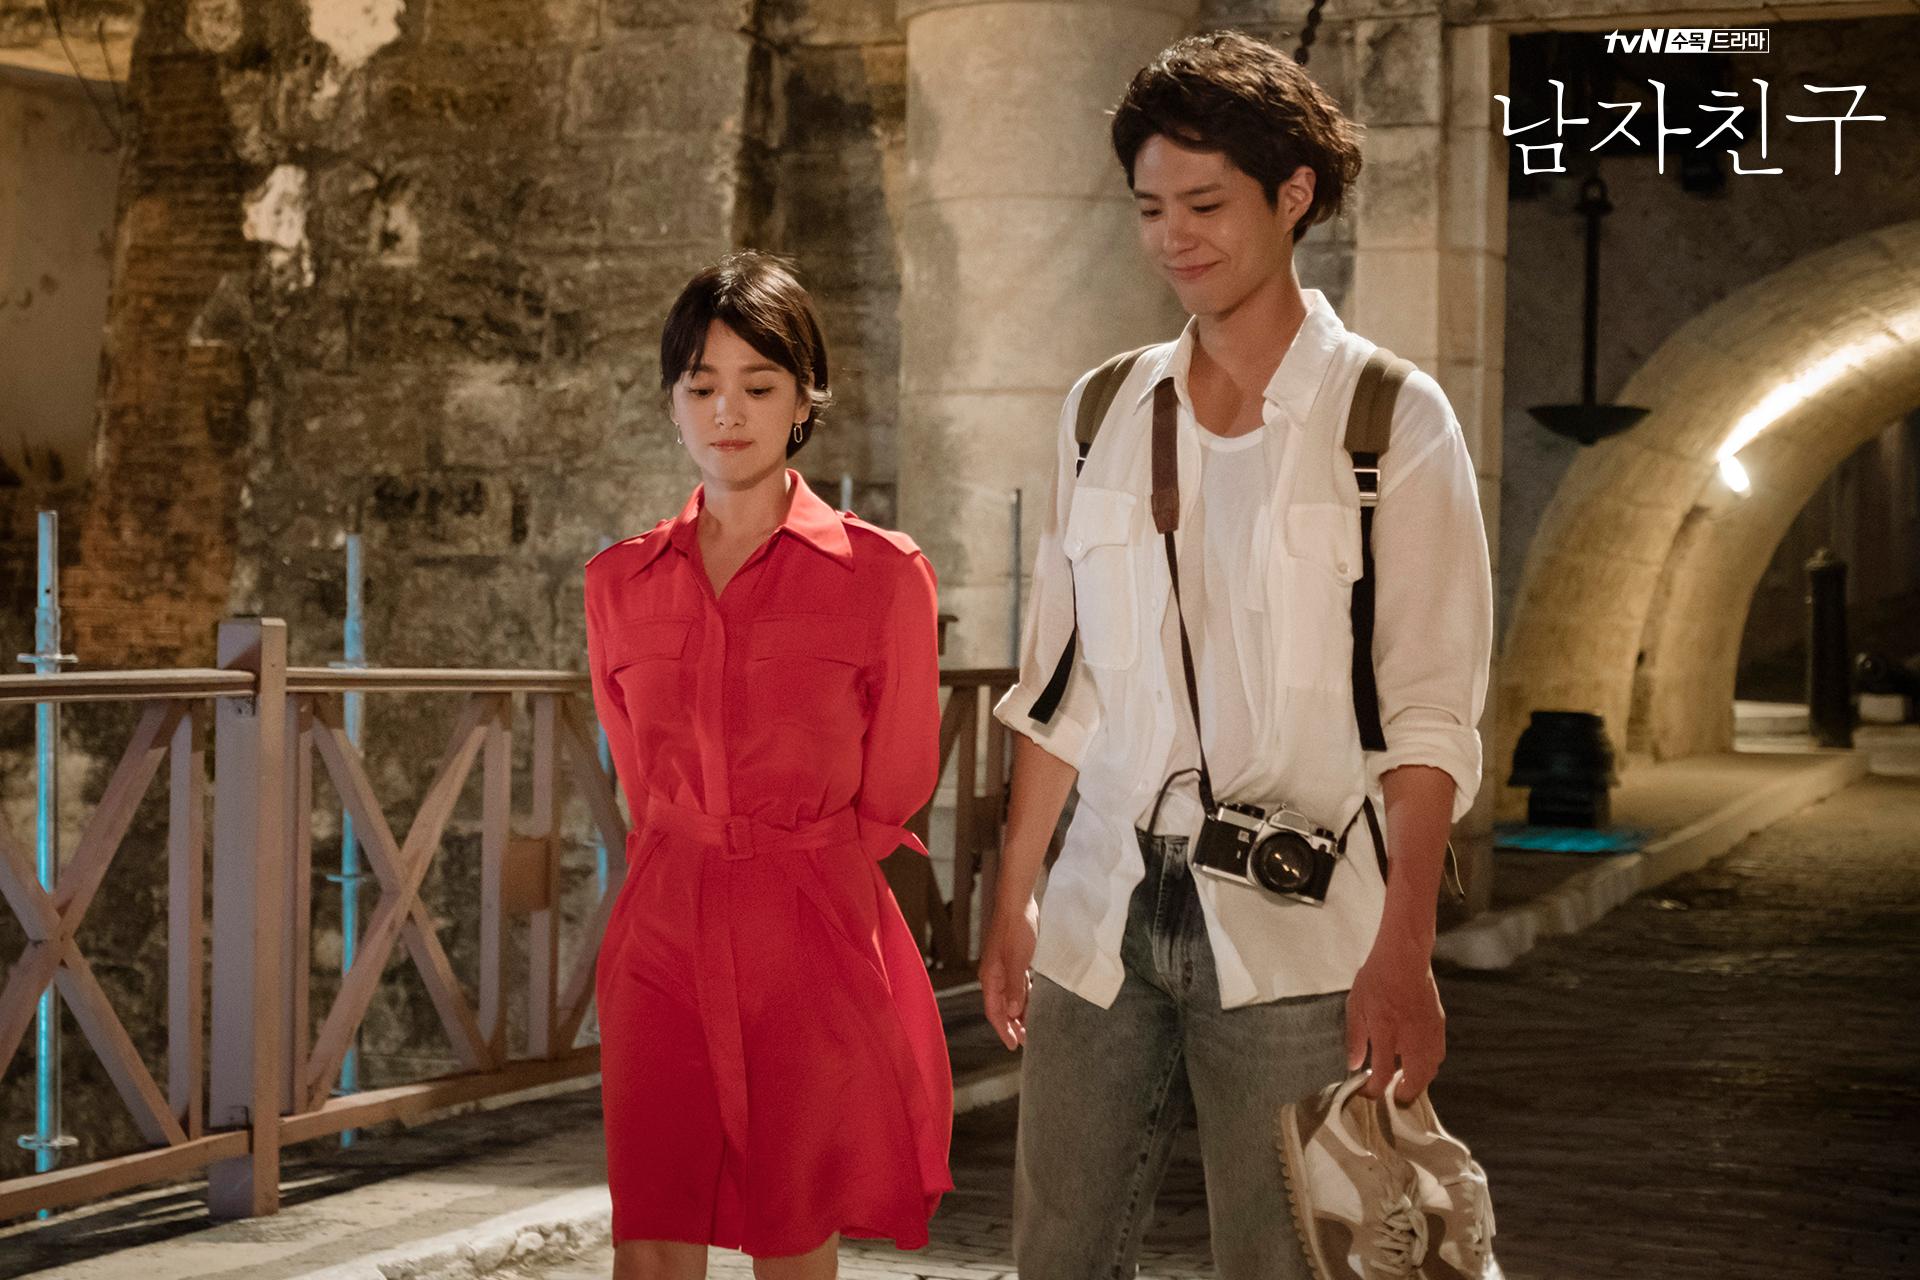 韩剧《男朋友》收视率下降的原因?网友批评这些剧情不合理!插图6